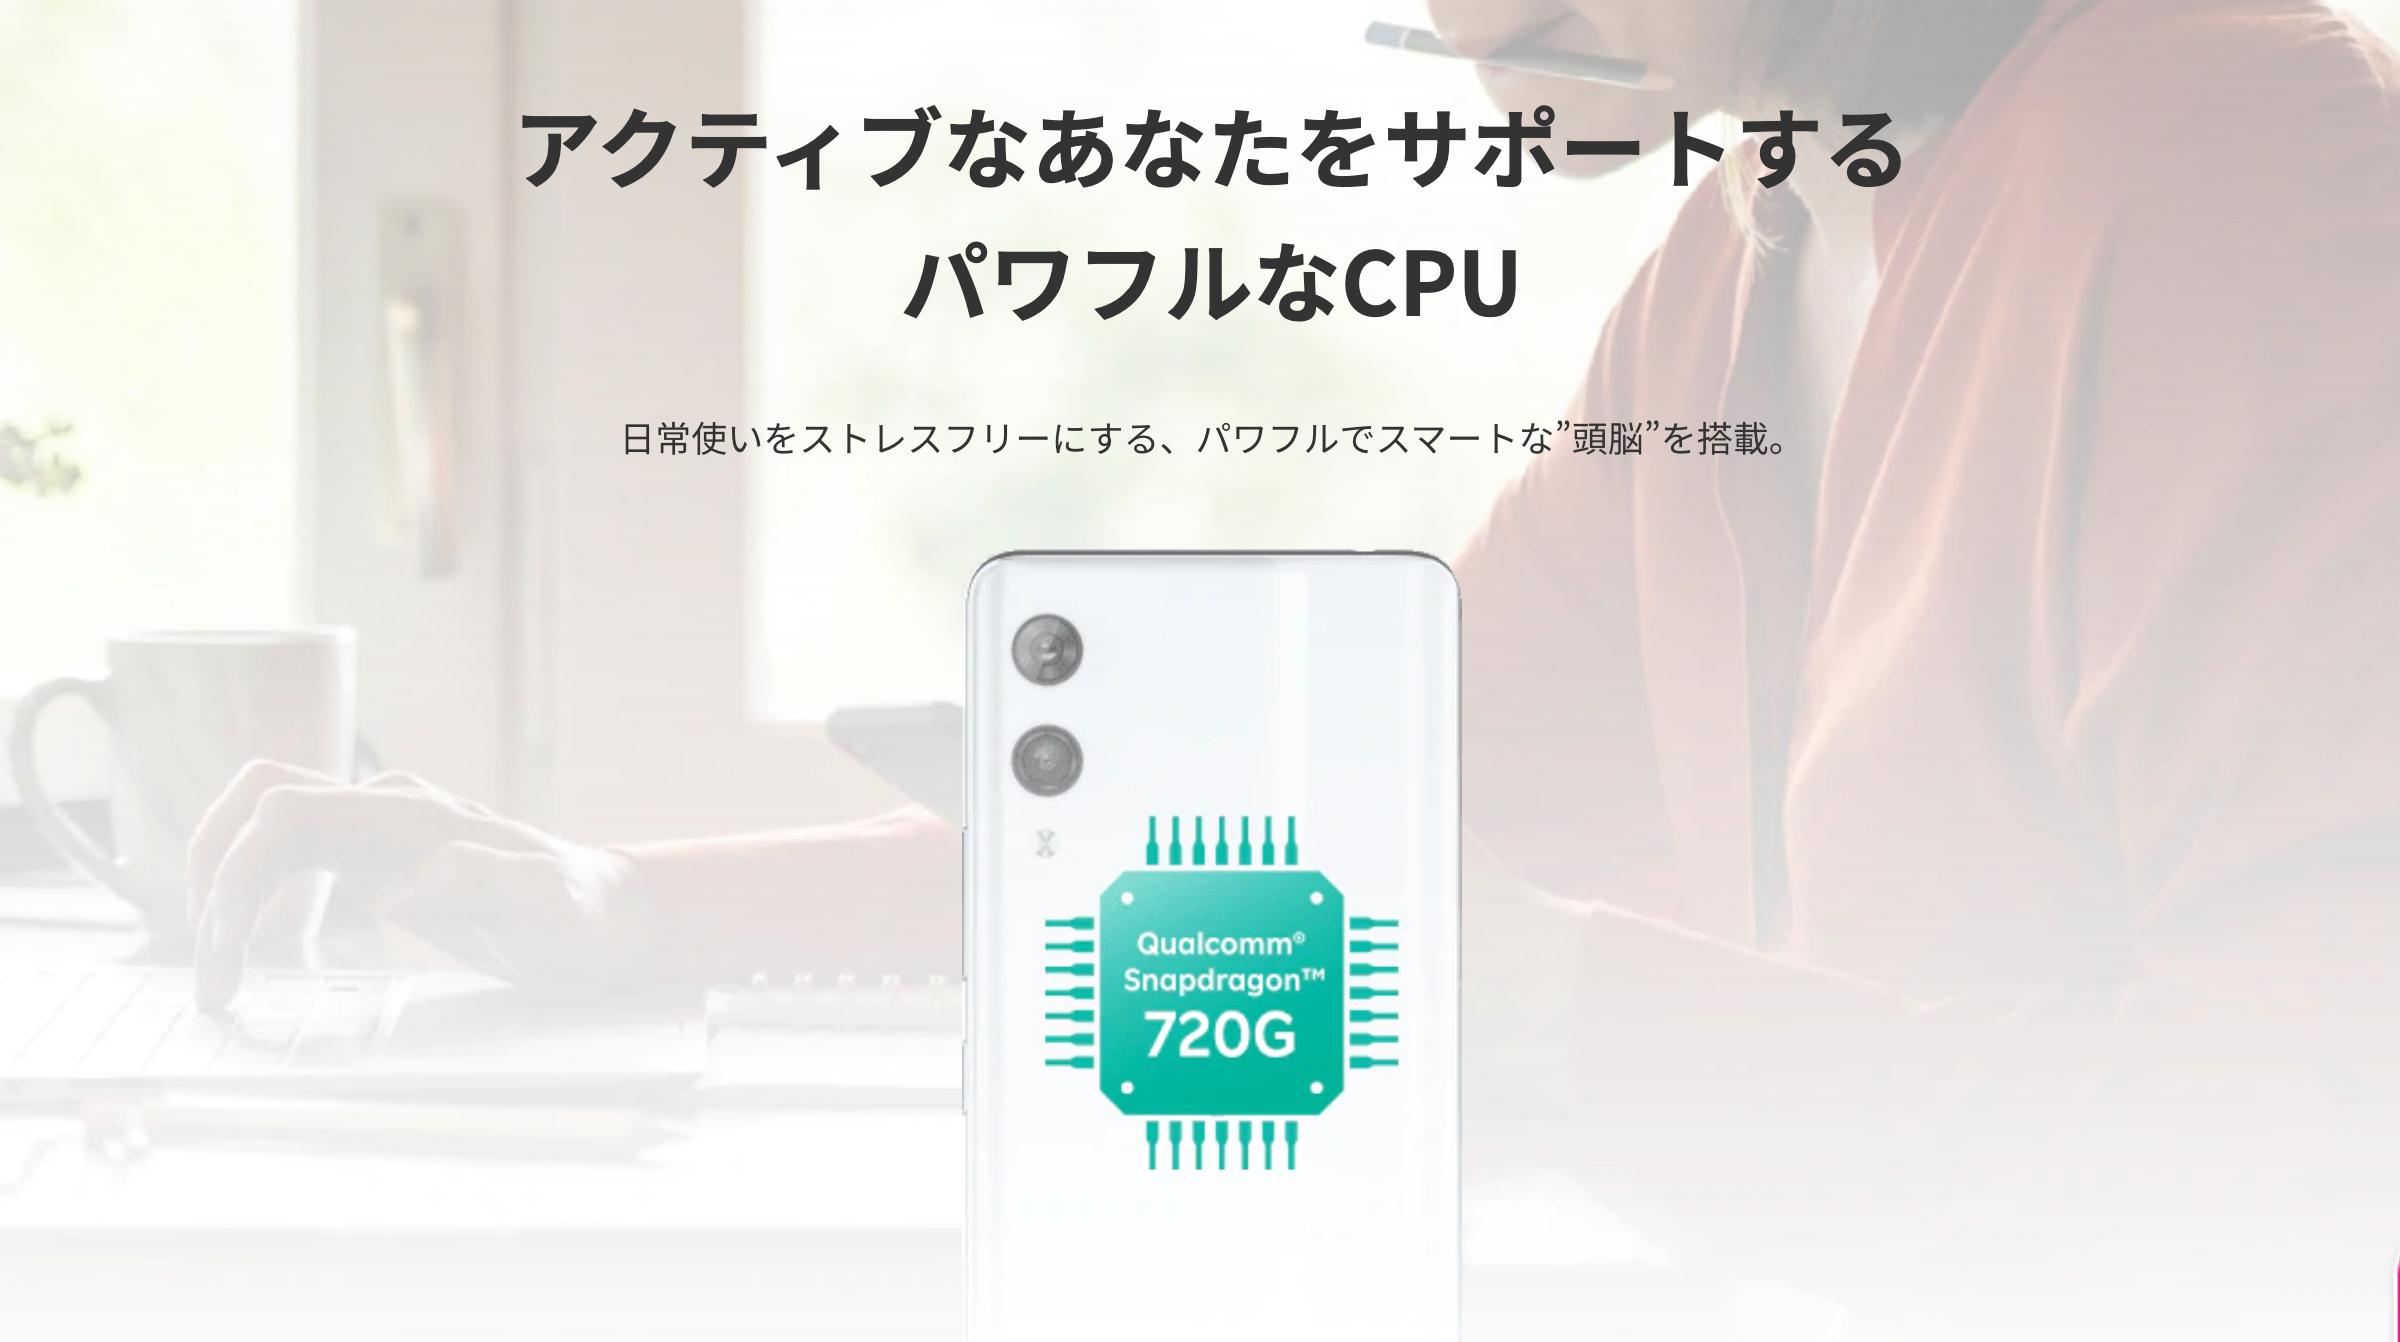 f:id:Azusa_Hirano:20201208112602p:plain